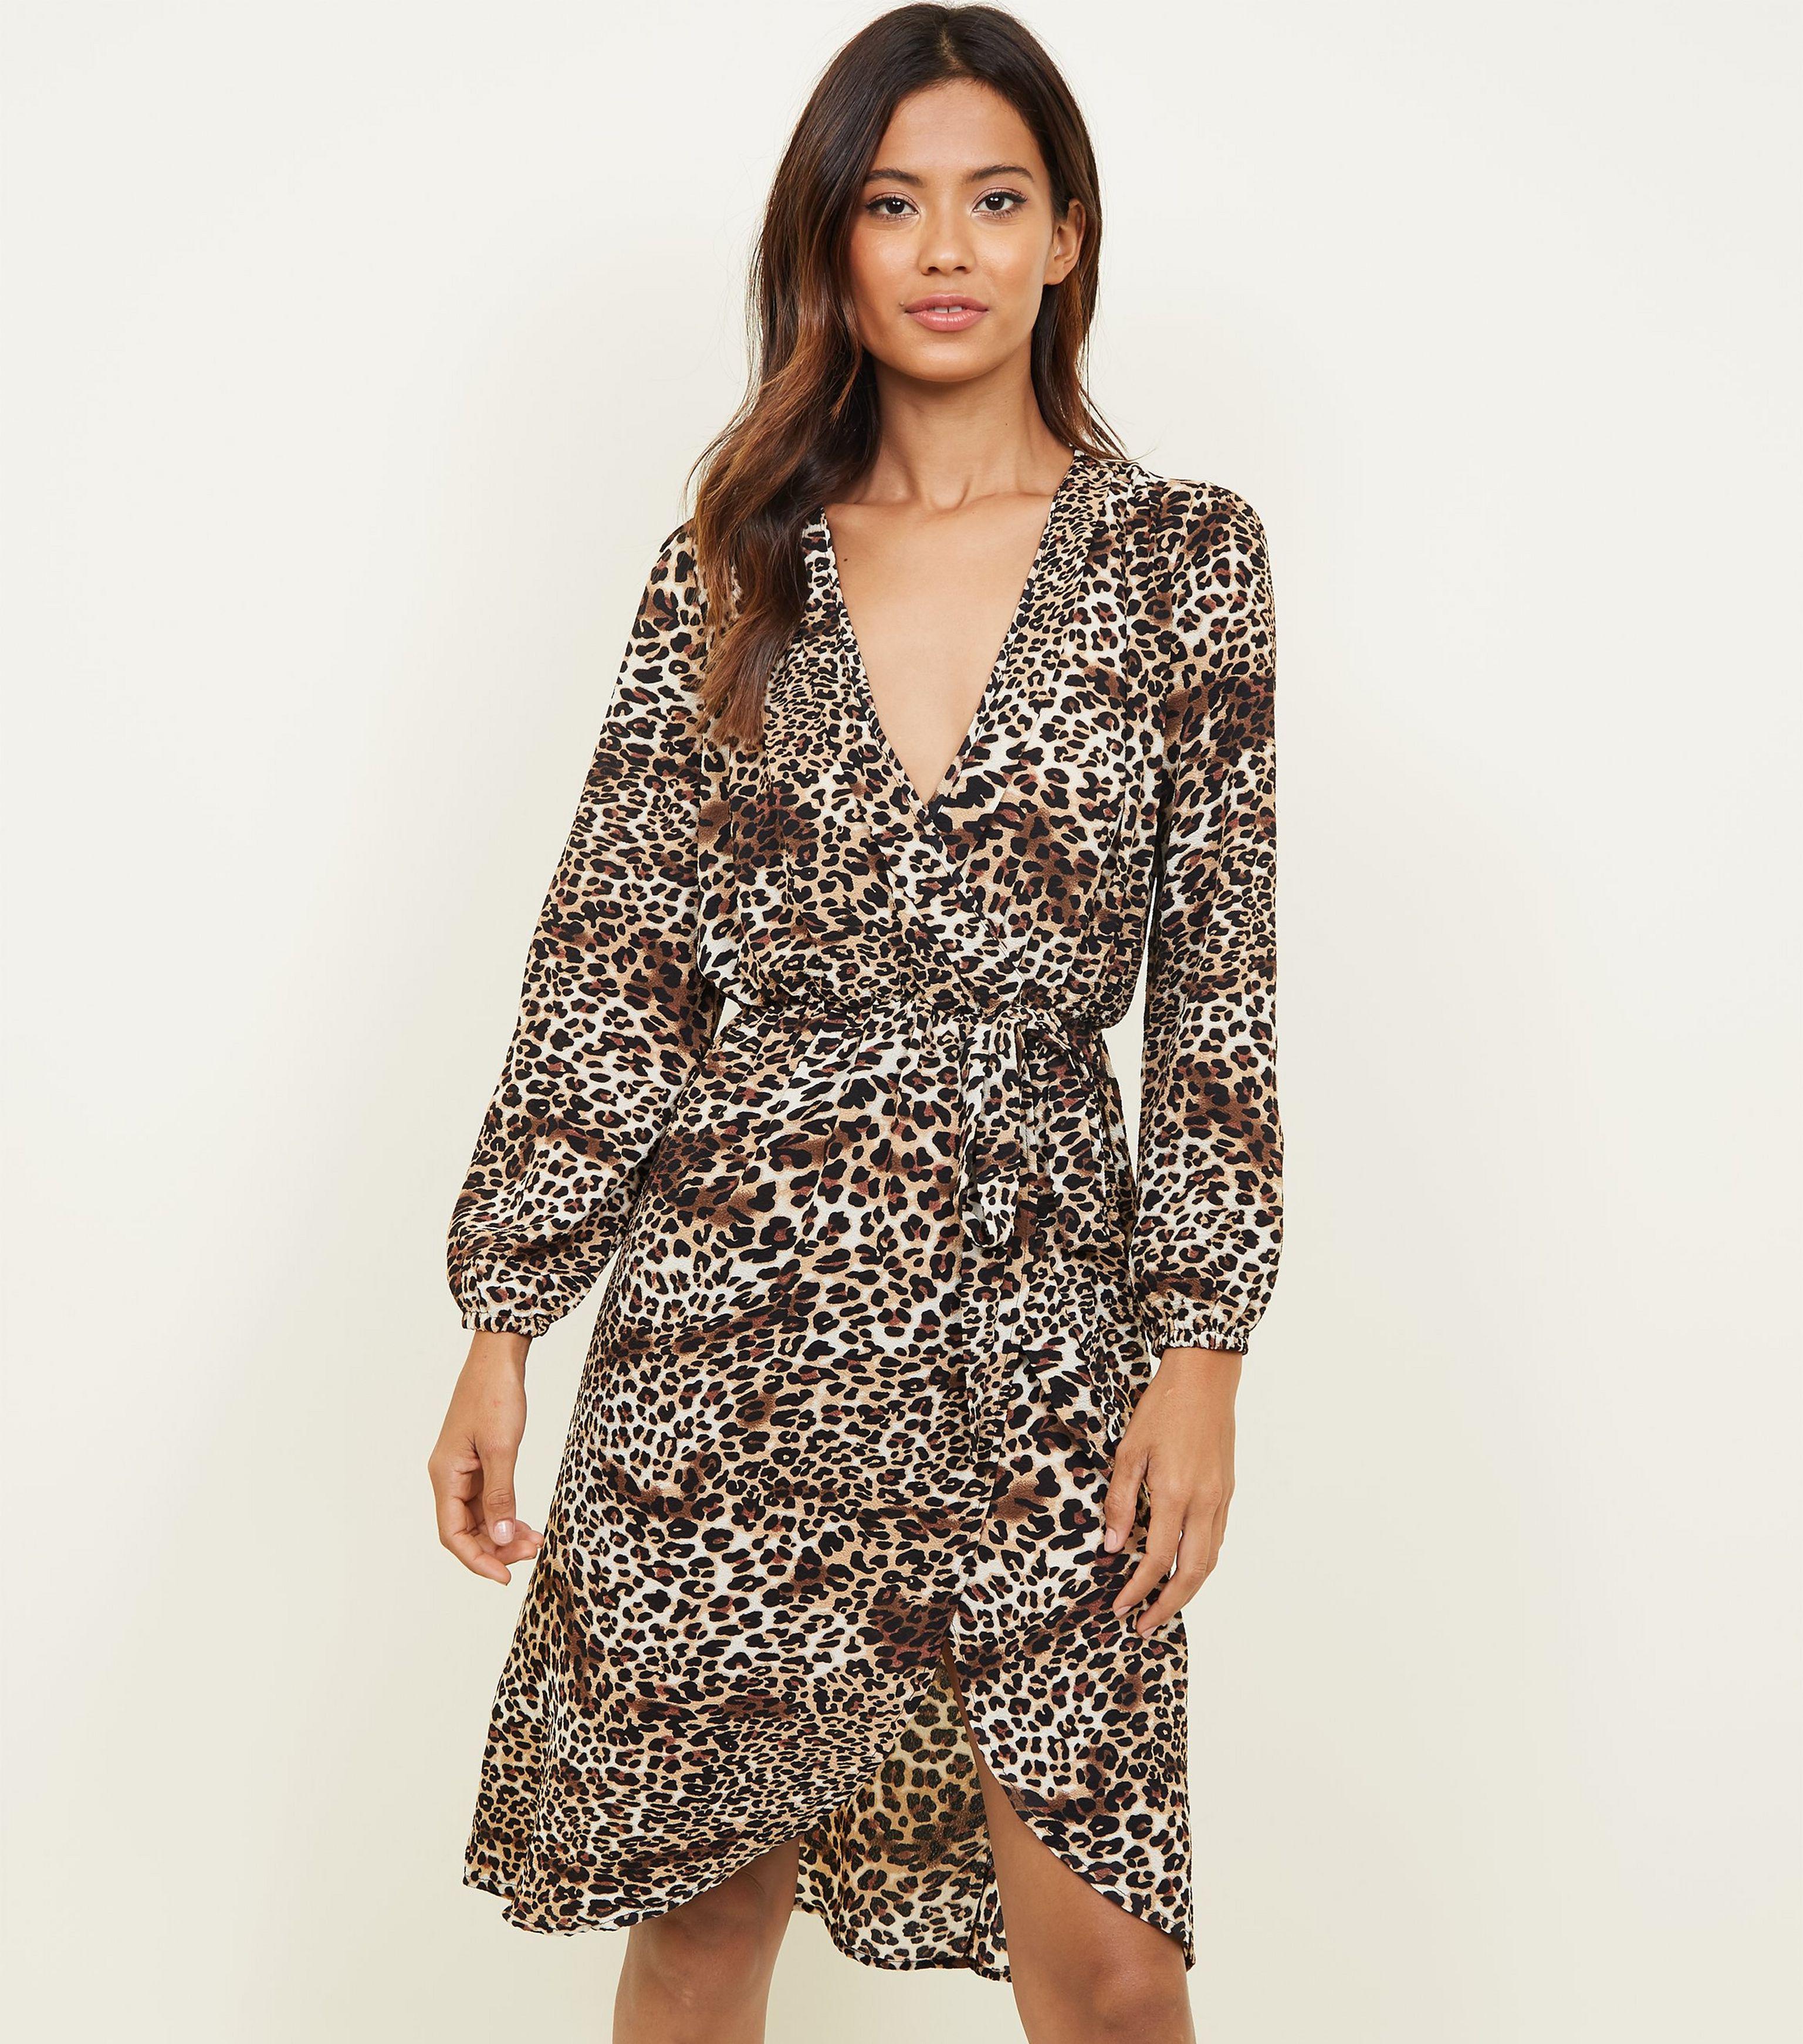 AX Paris Brown Leopard Print Wrap Dress in Brown - Lyst 56443f233